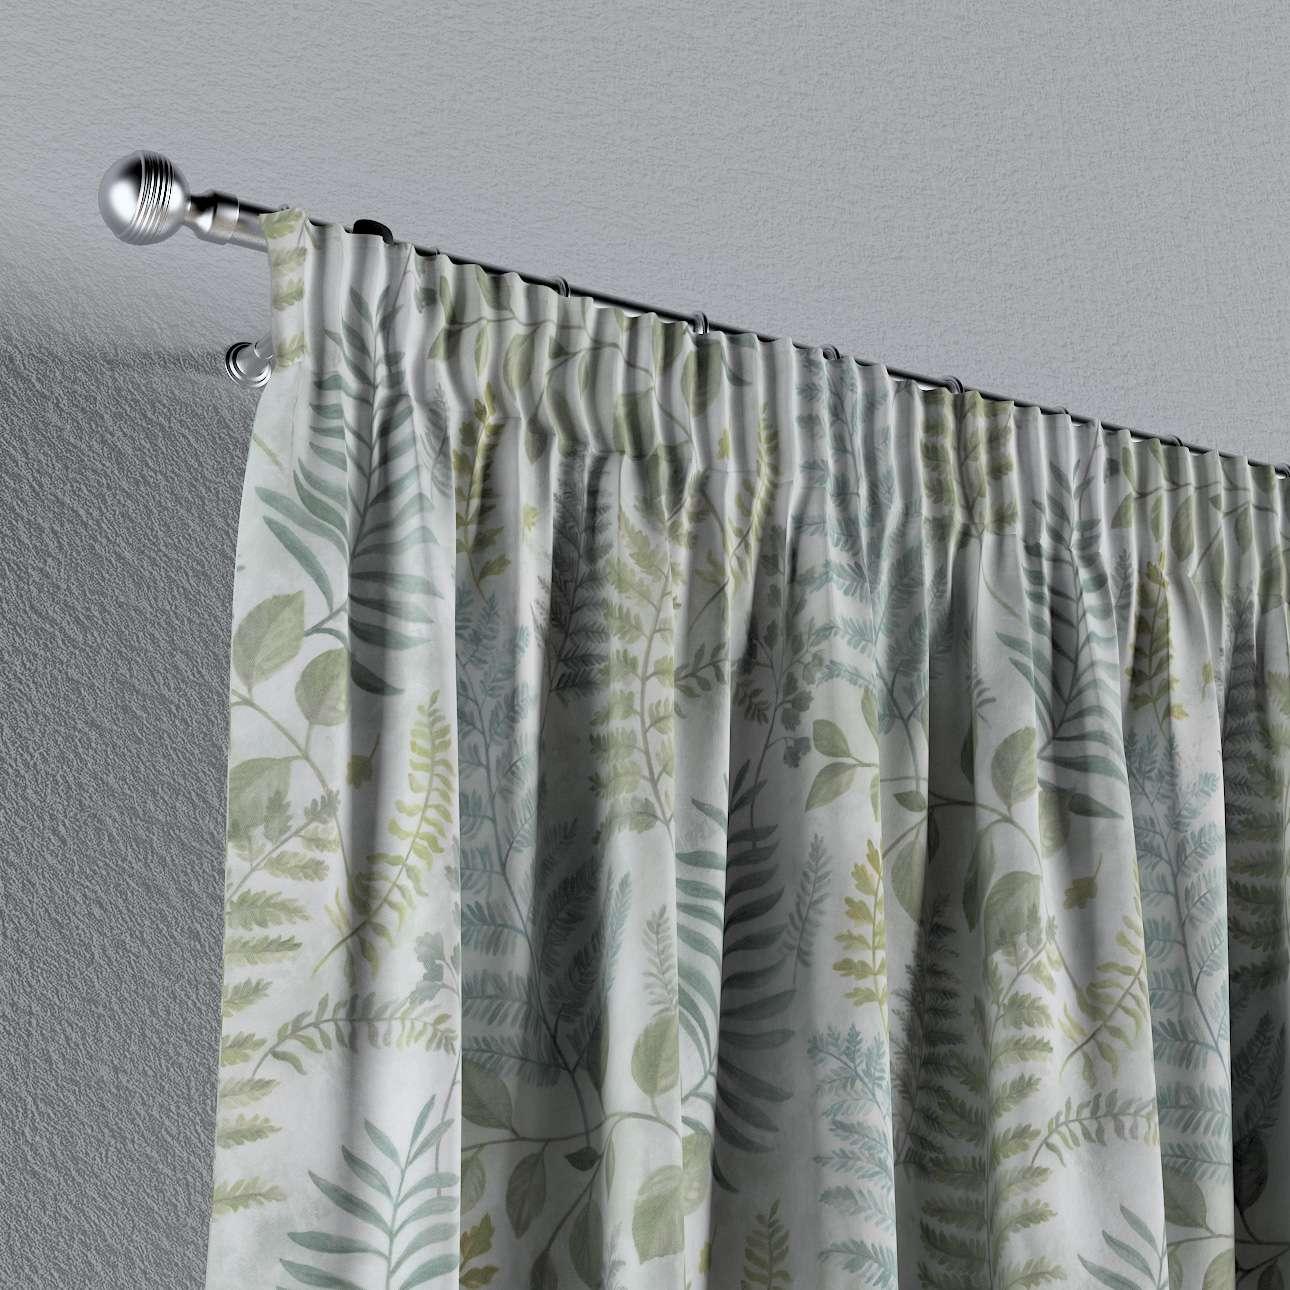 Záves na riasiacej páske V kolekcii Tropical Island, tkanina: 142-46